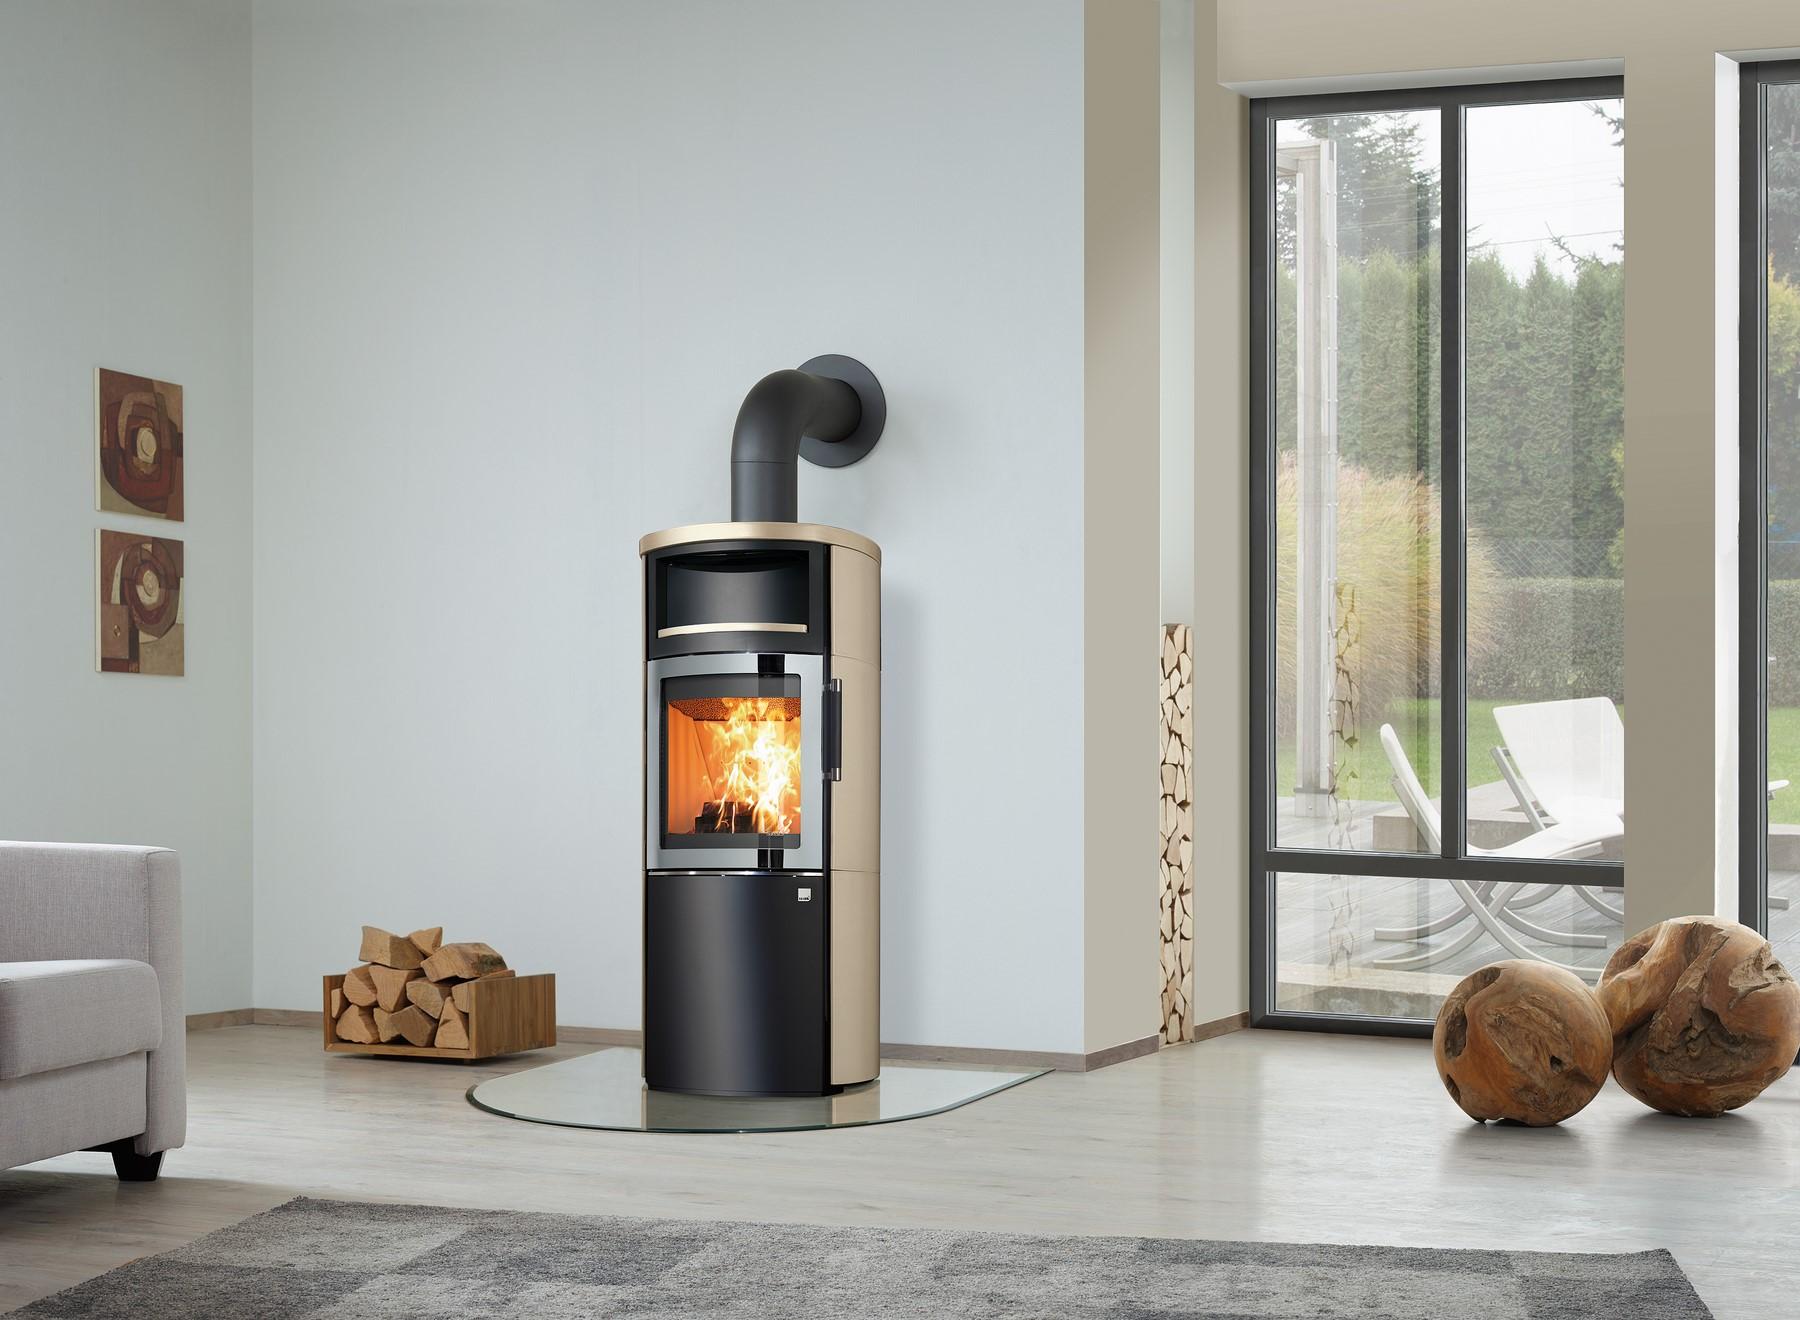 po le bois hark 44 5 8 gt ecoplus atlantique energie bois po le bois po le granul s. Black Bedroom Furniture Sets. Home Design Ideas